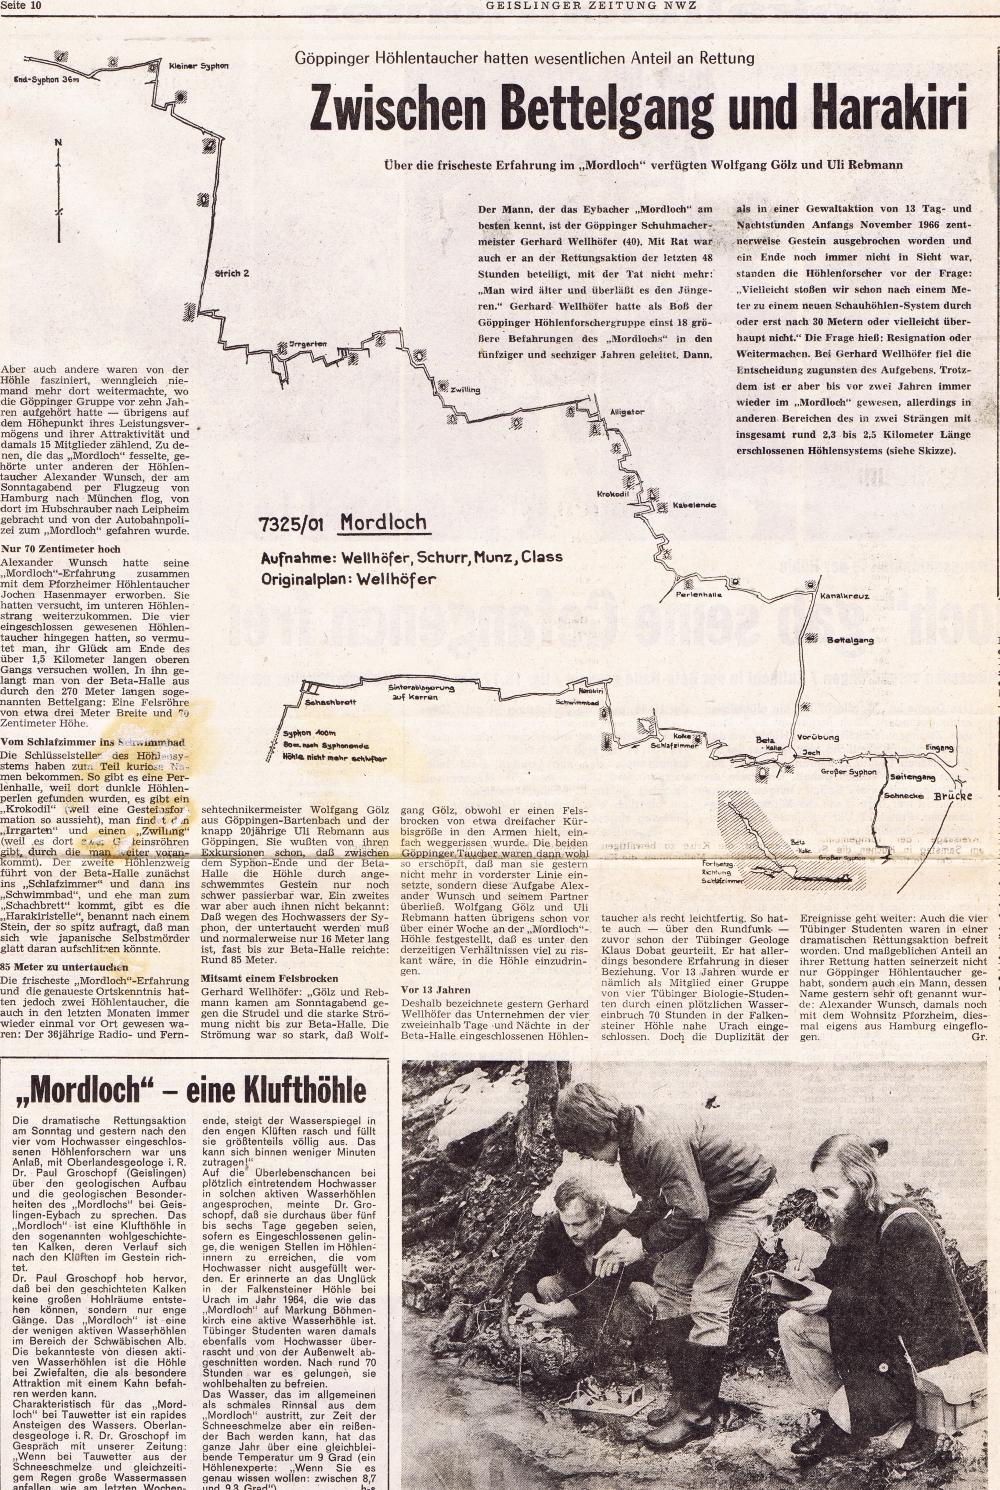 19770208_print_Geislinger-Ztg_Zw-Bettelgang+Harakiri_corr_1000